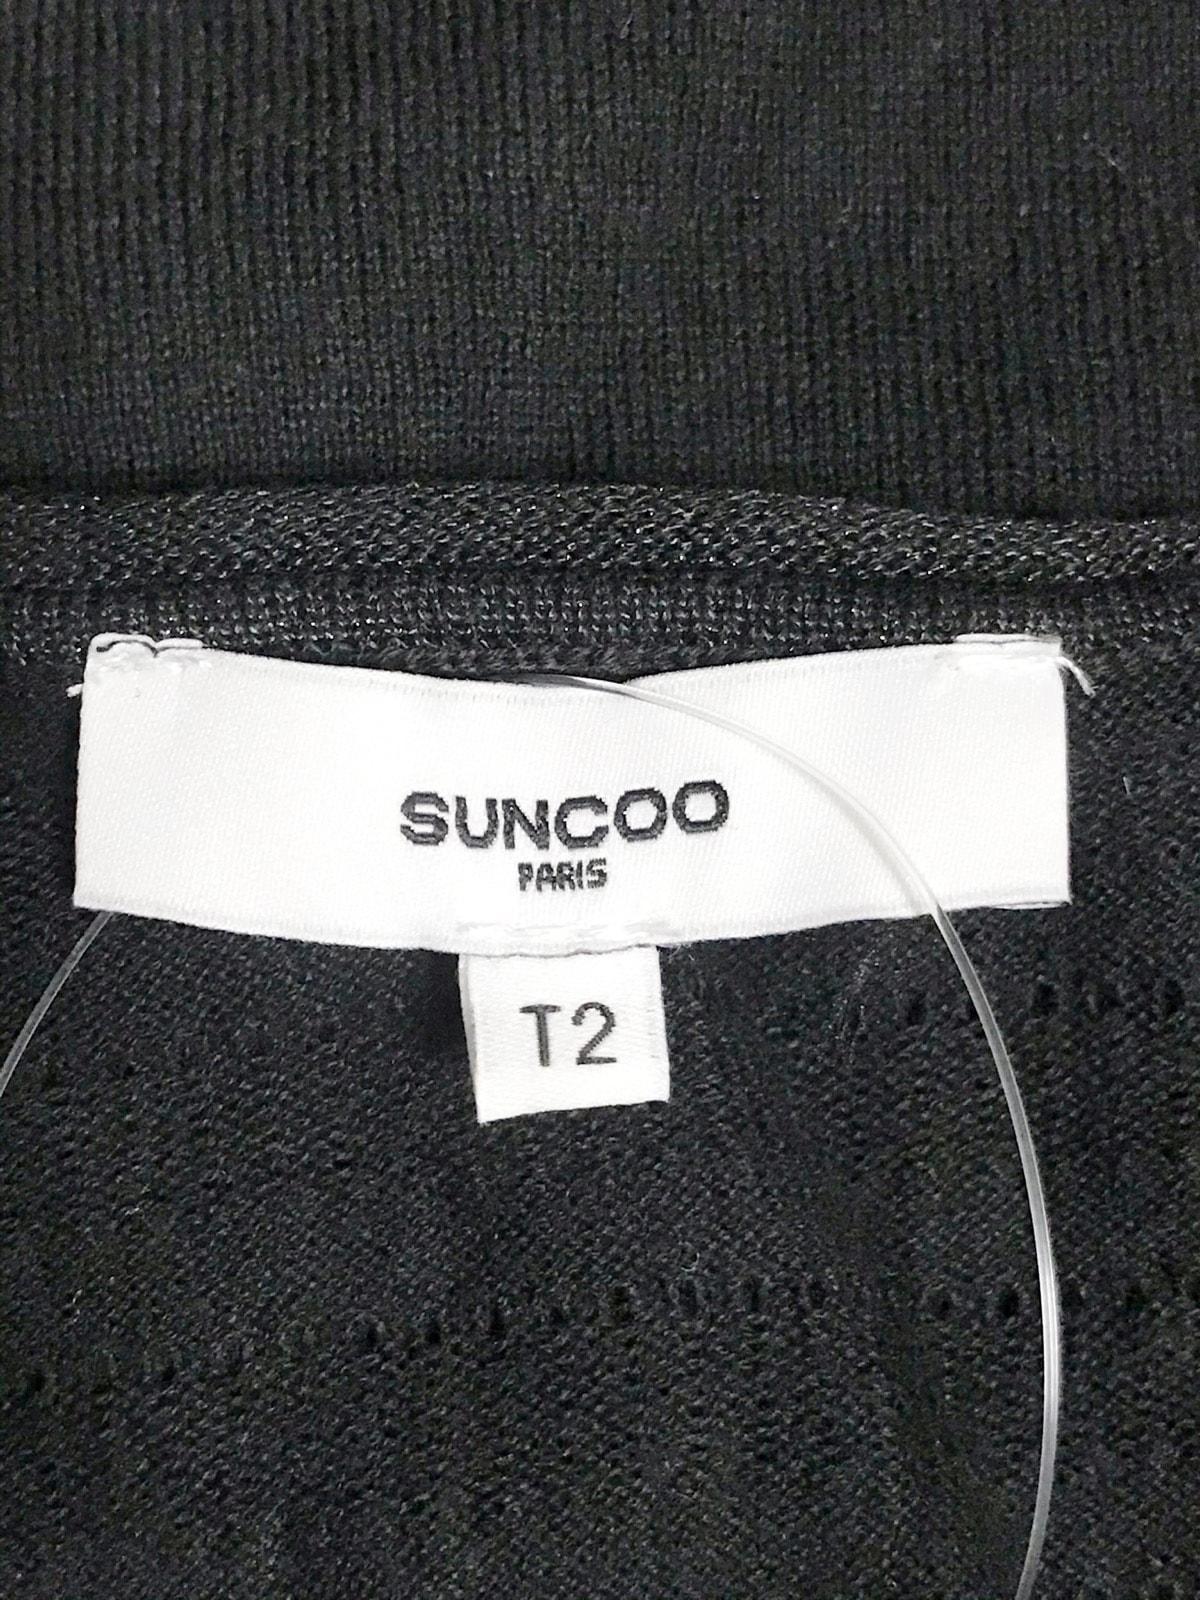 suncoo paris(スンクーパリ)のカーディガン